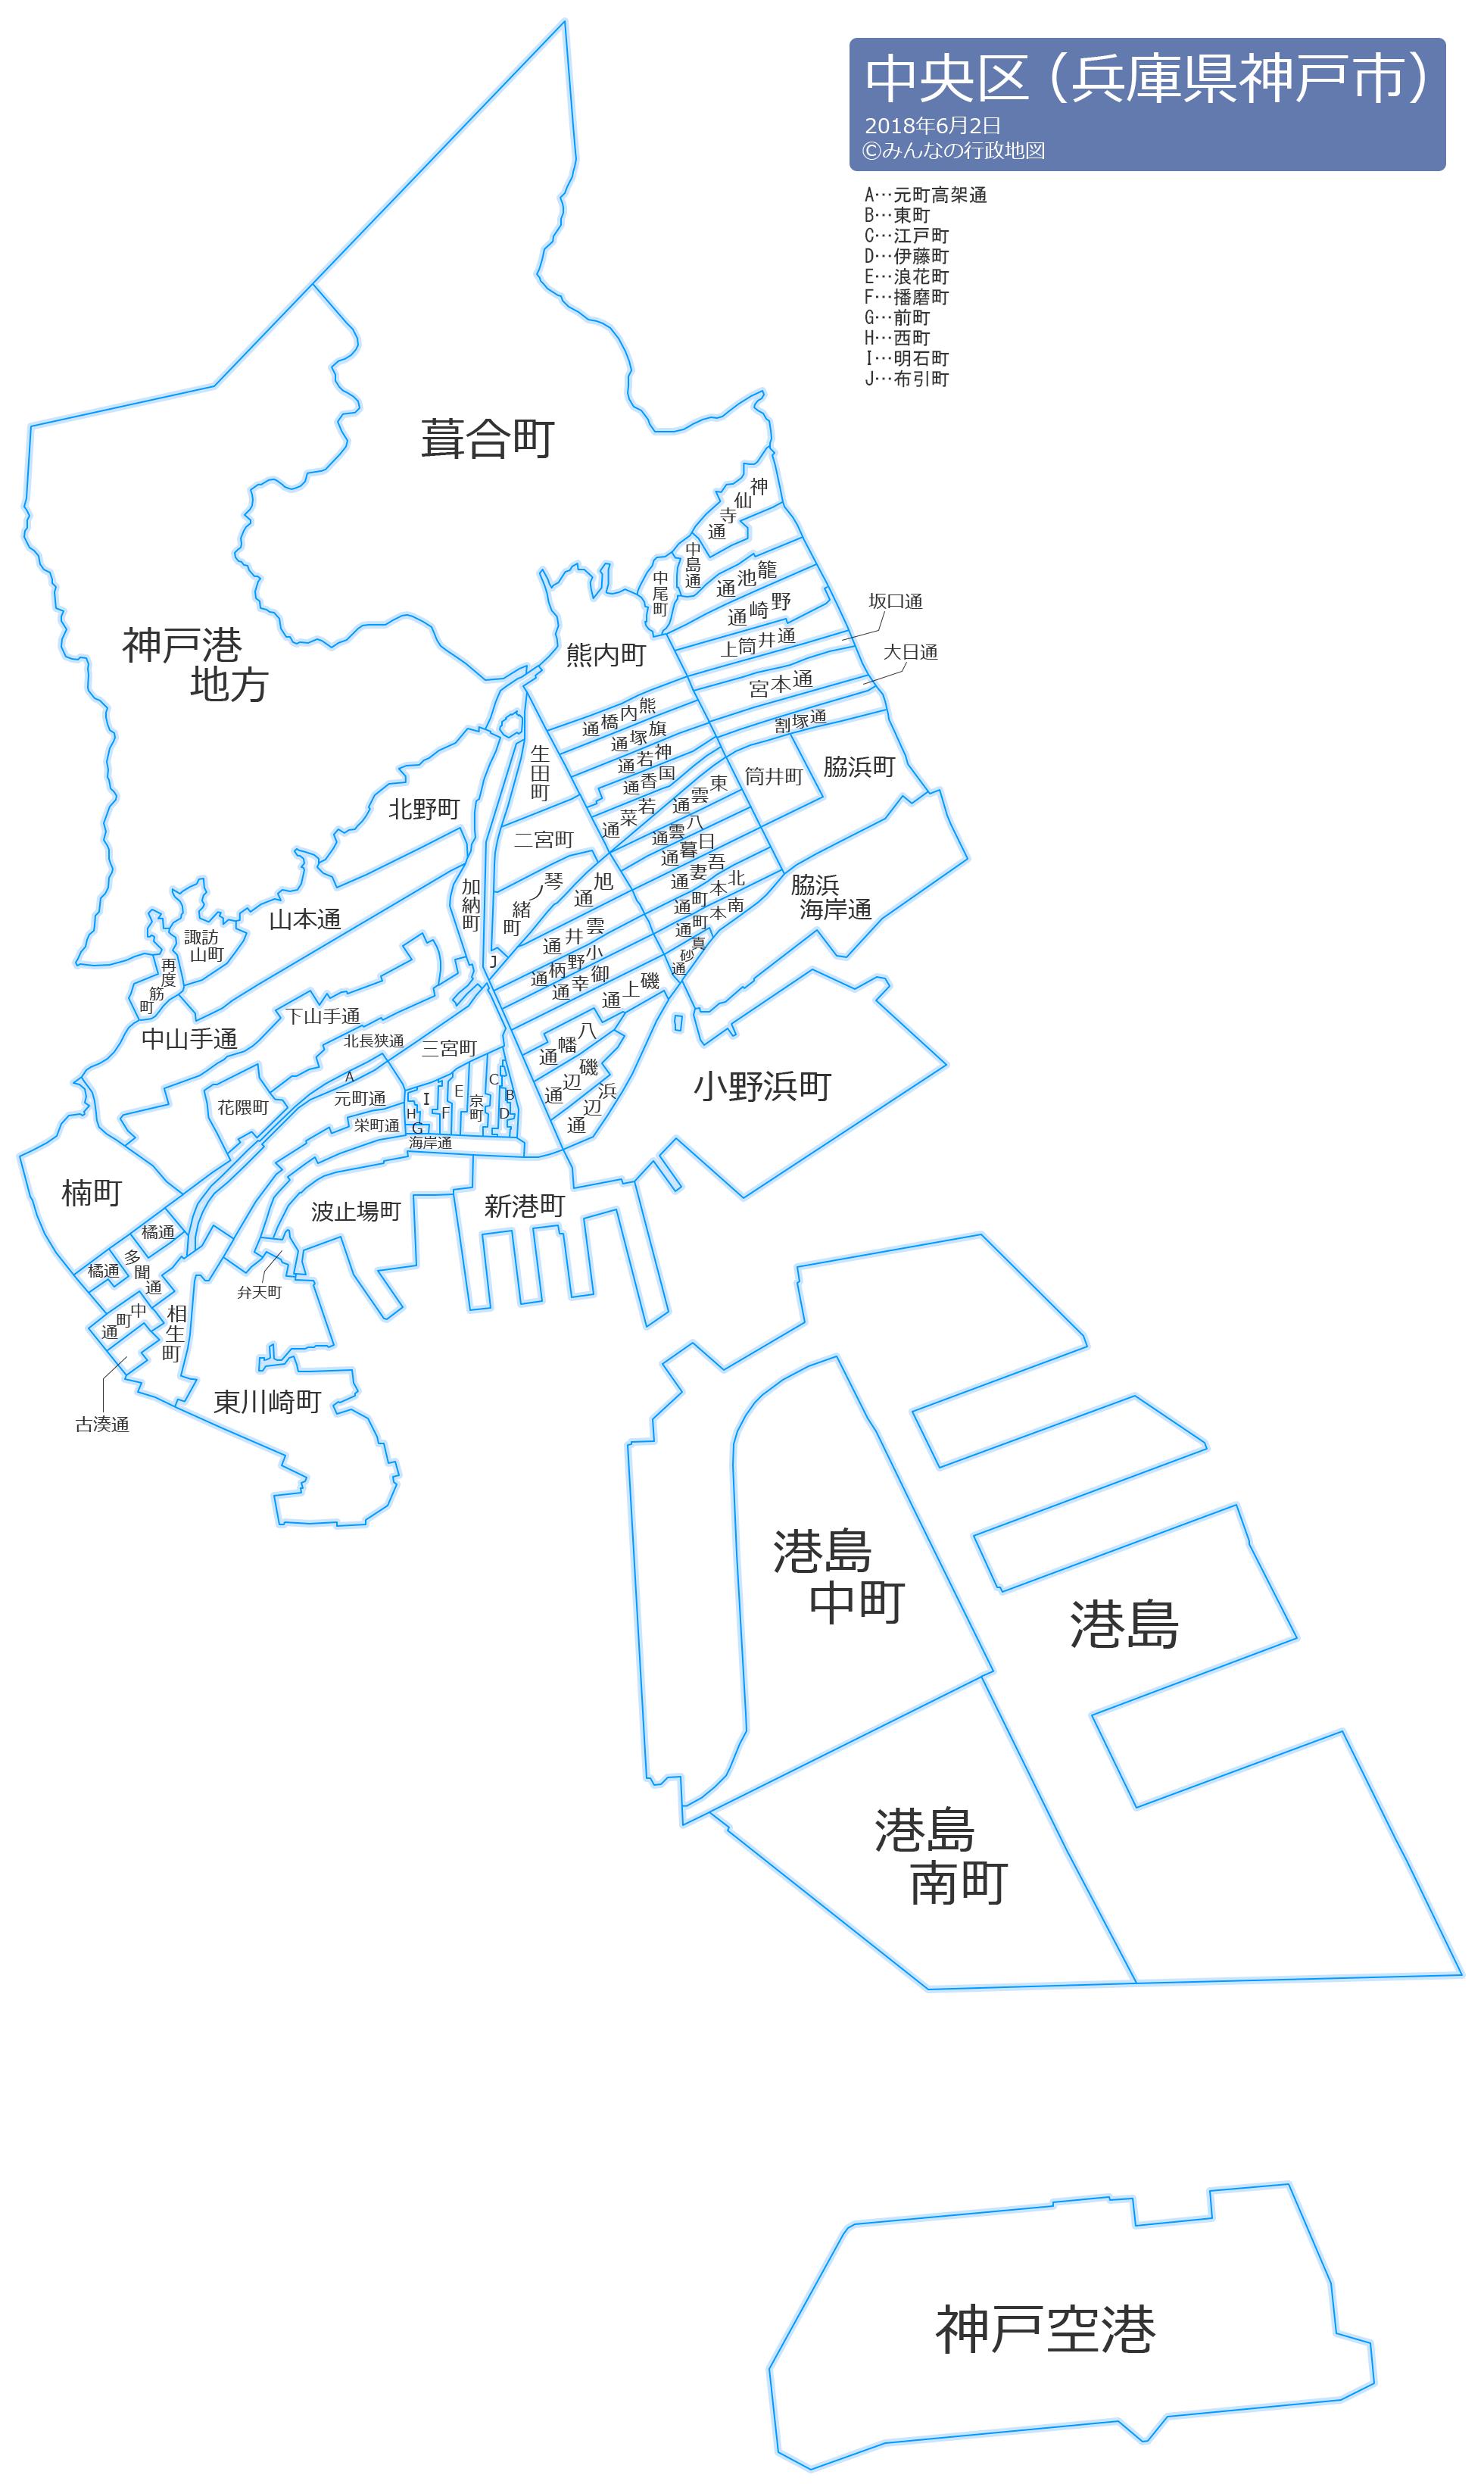 神戸市中央区(兵庫県) - みんなの行政地図